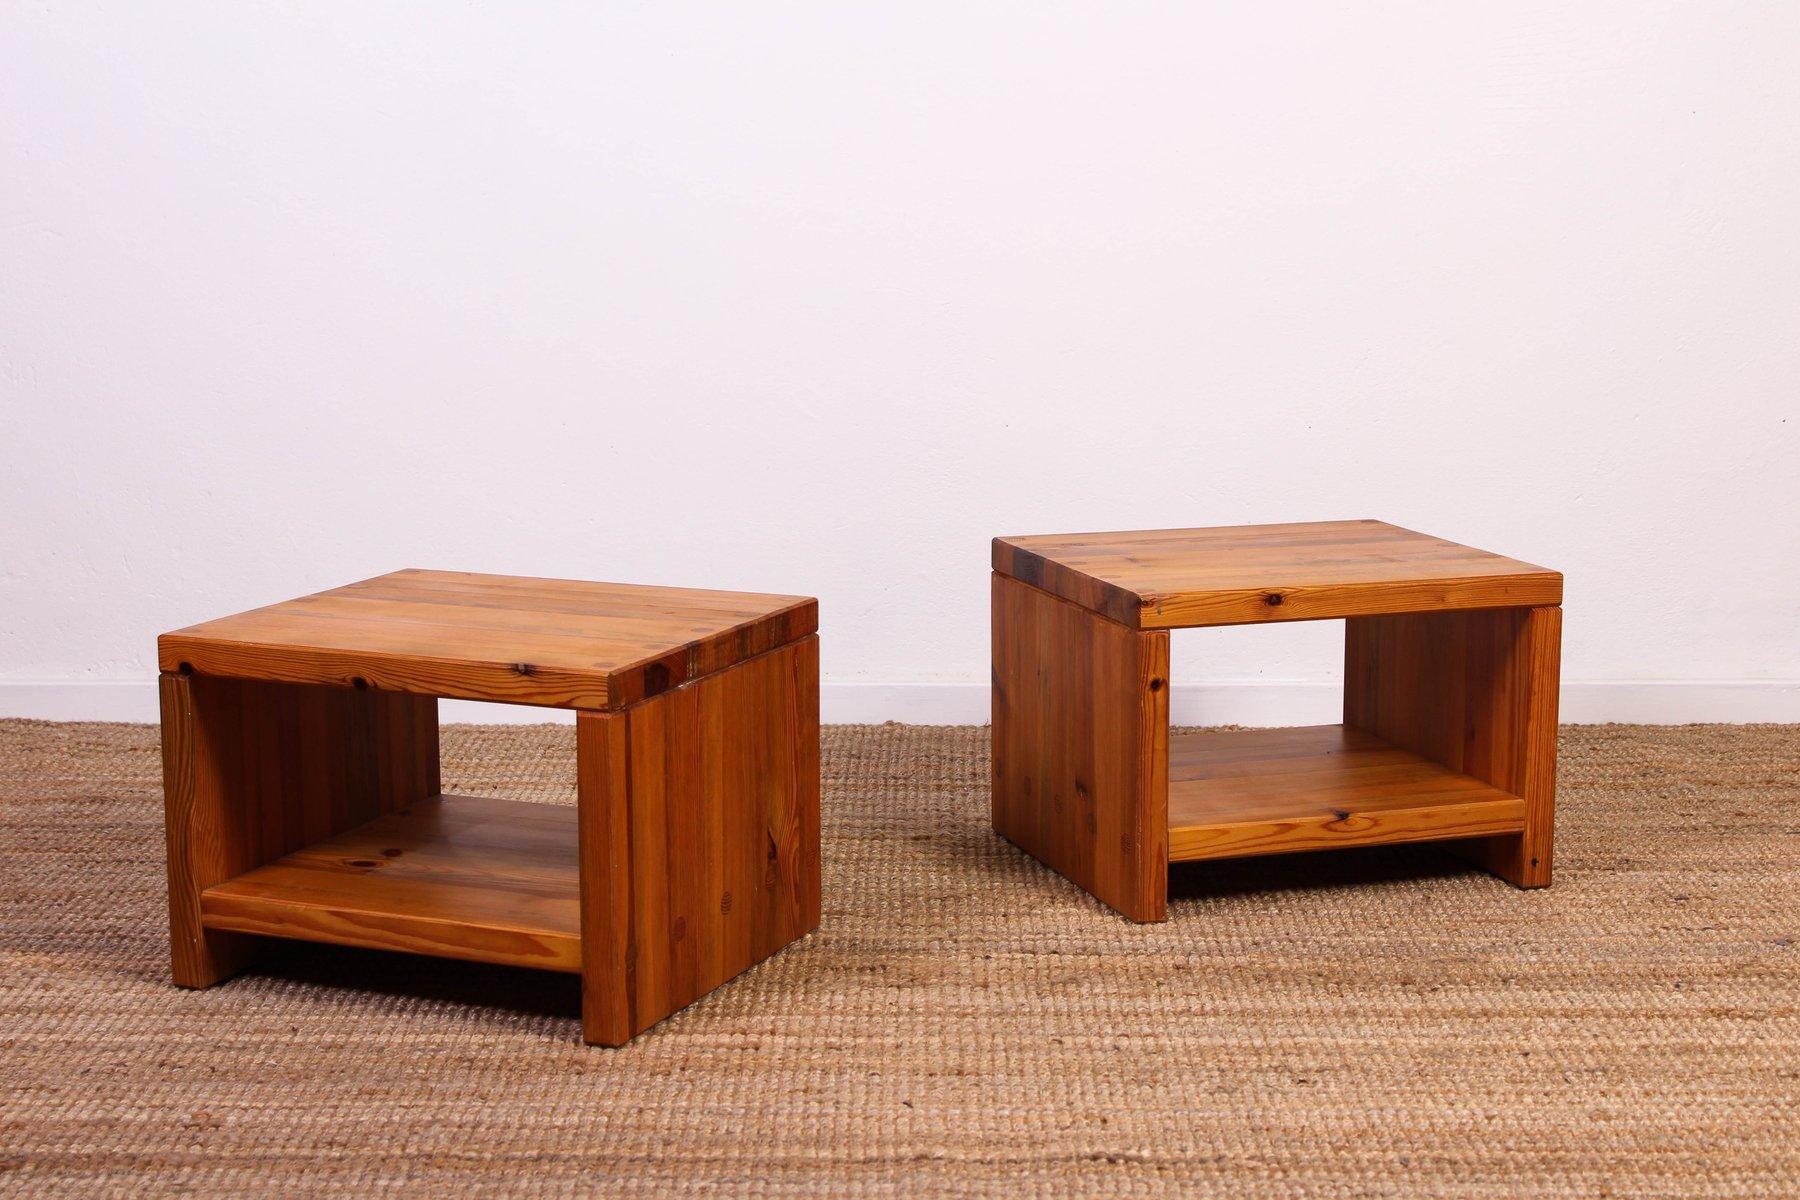 mid century beistelltisch aus pinienholz von sven larsson f r m bel shop bei pamono kaufen. Black Bedroom Furniture Sets. Home Design Ideas